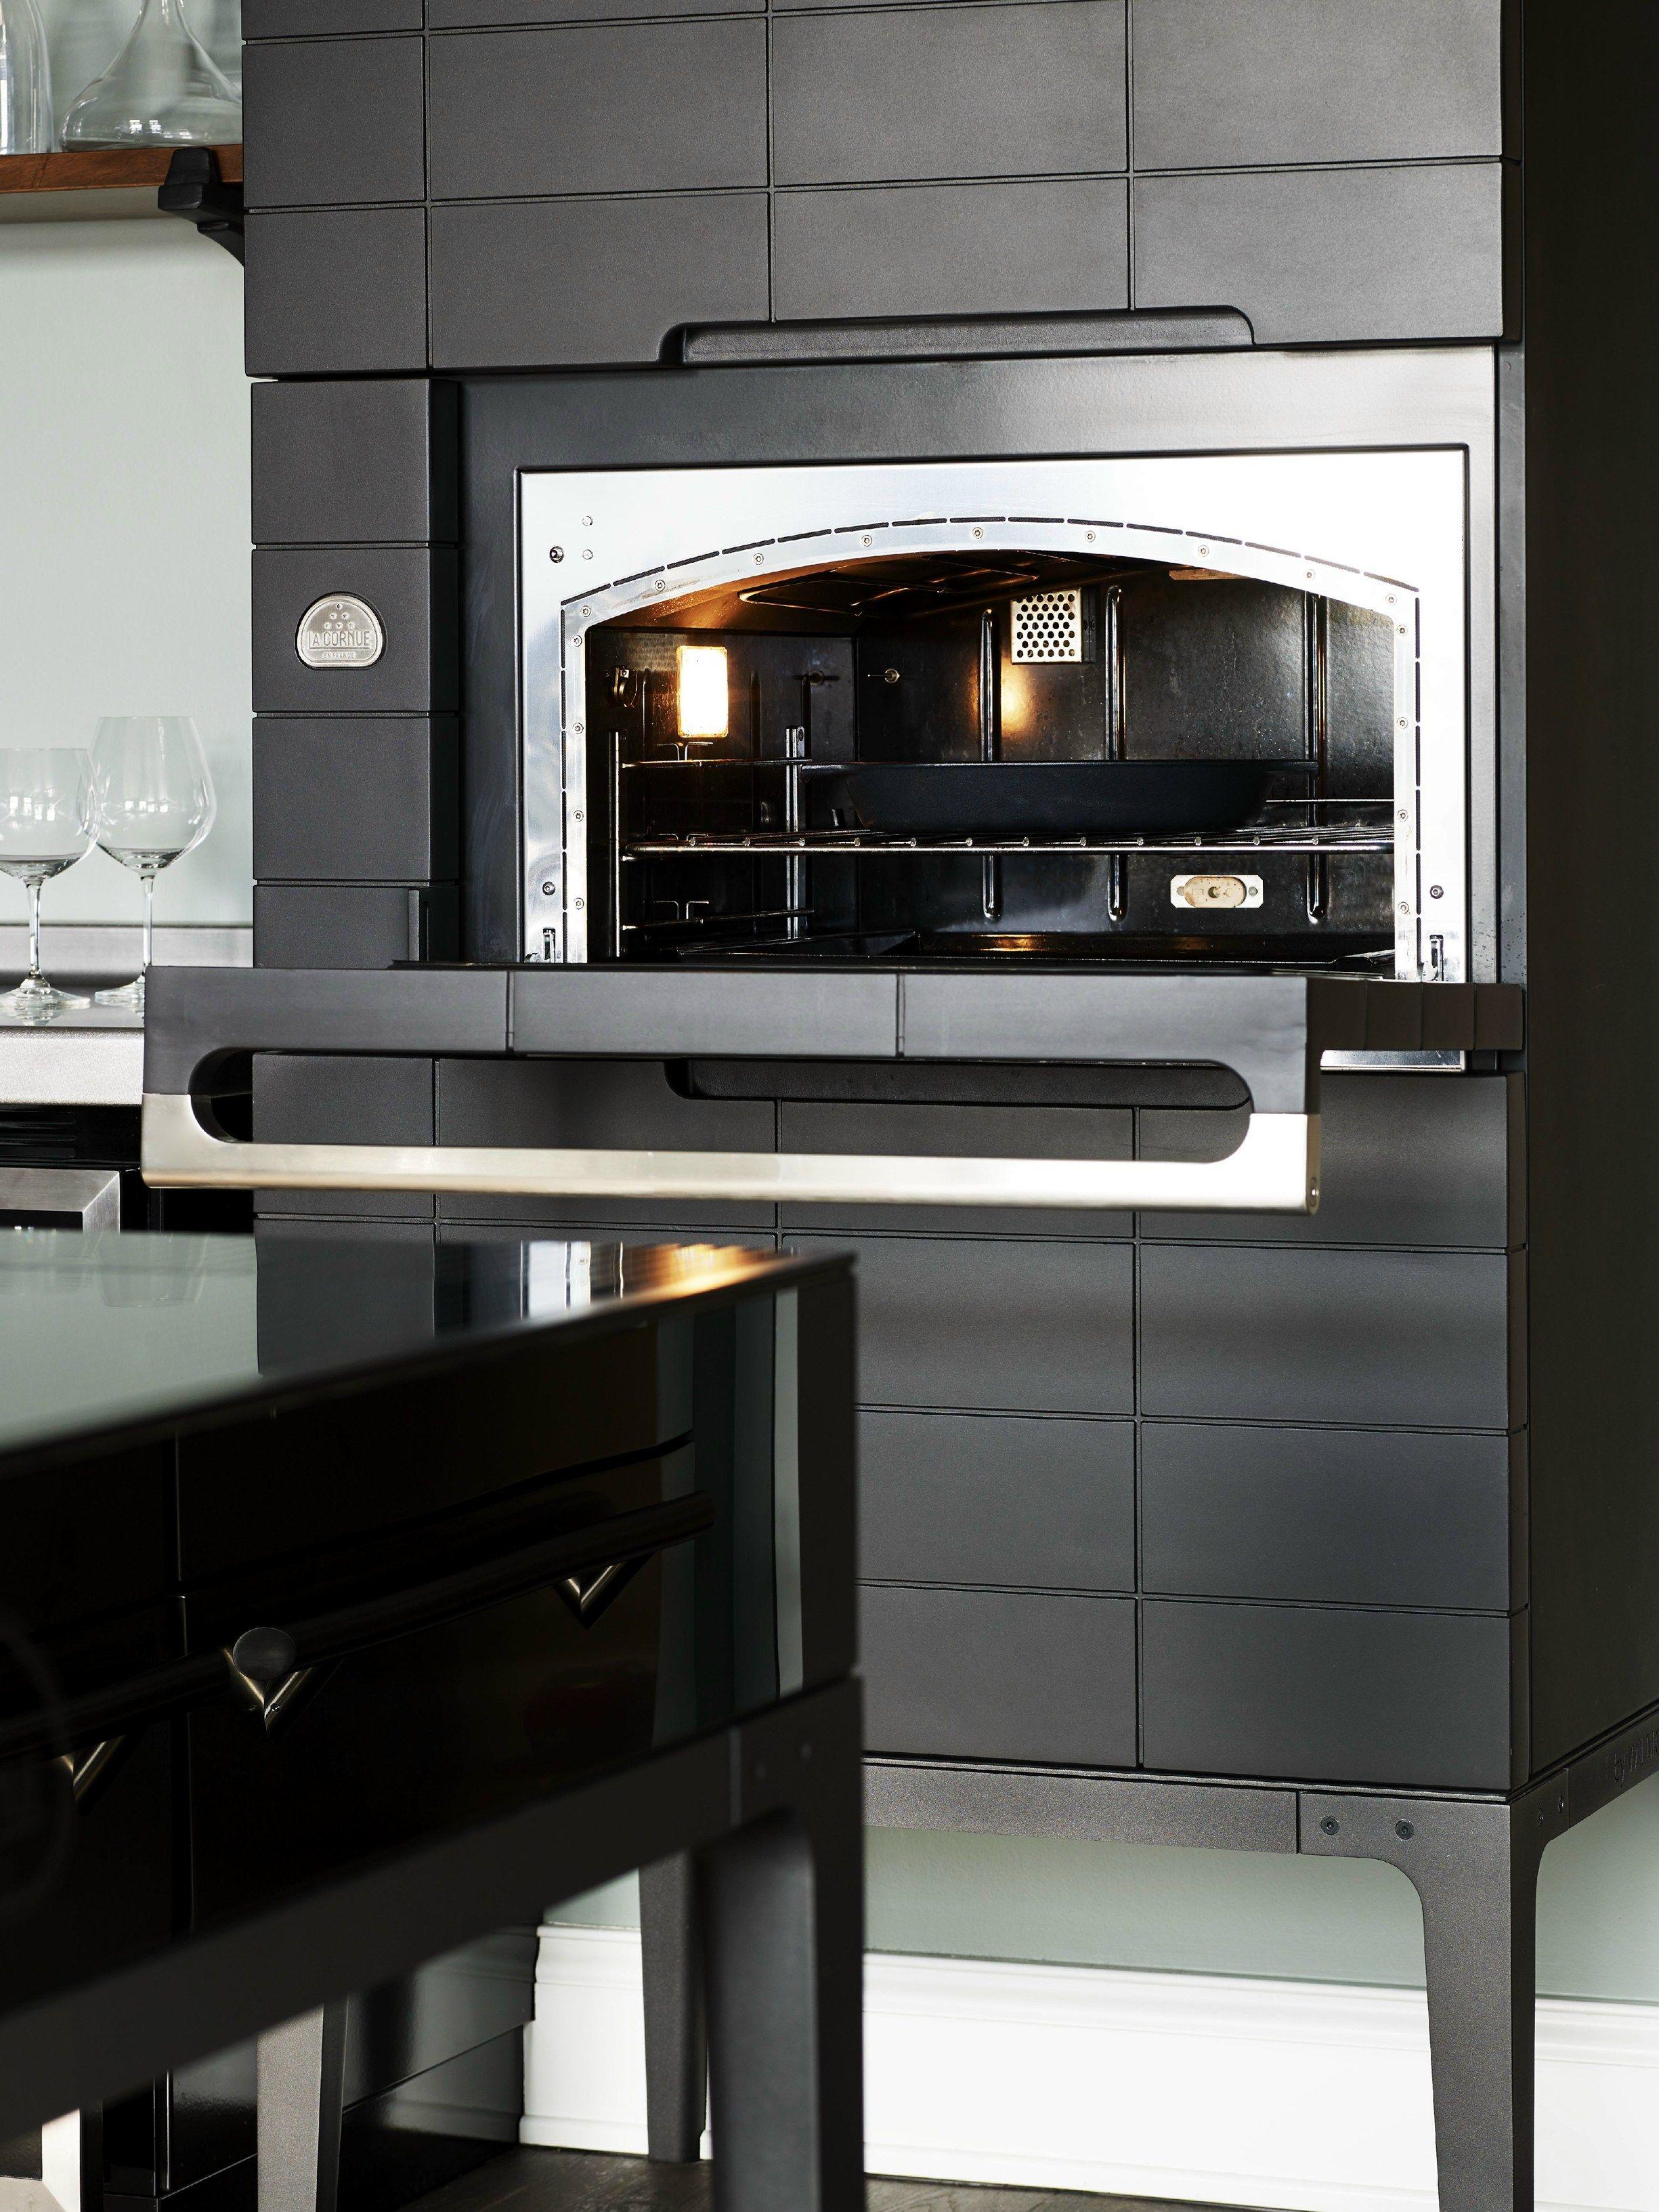 la cornue w four by la cornue design jean michel wilmotte. Black Bedroom Furniture Sets. Home Design Ideas